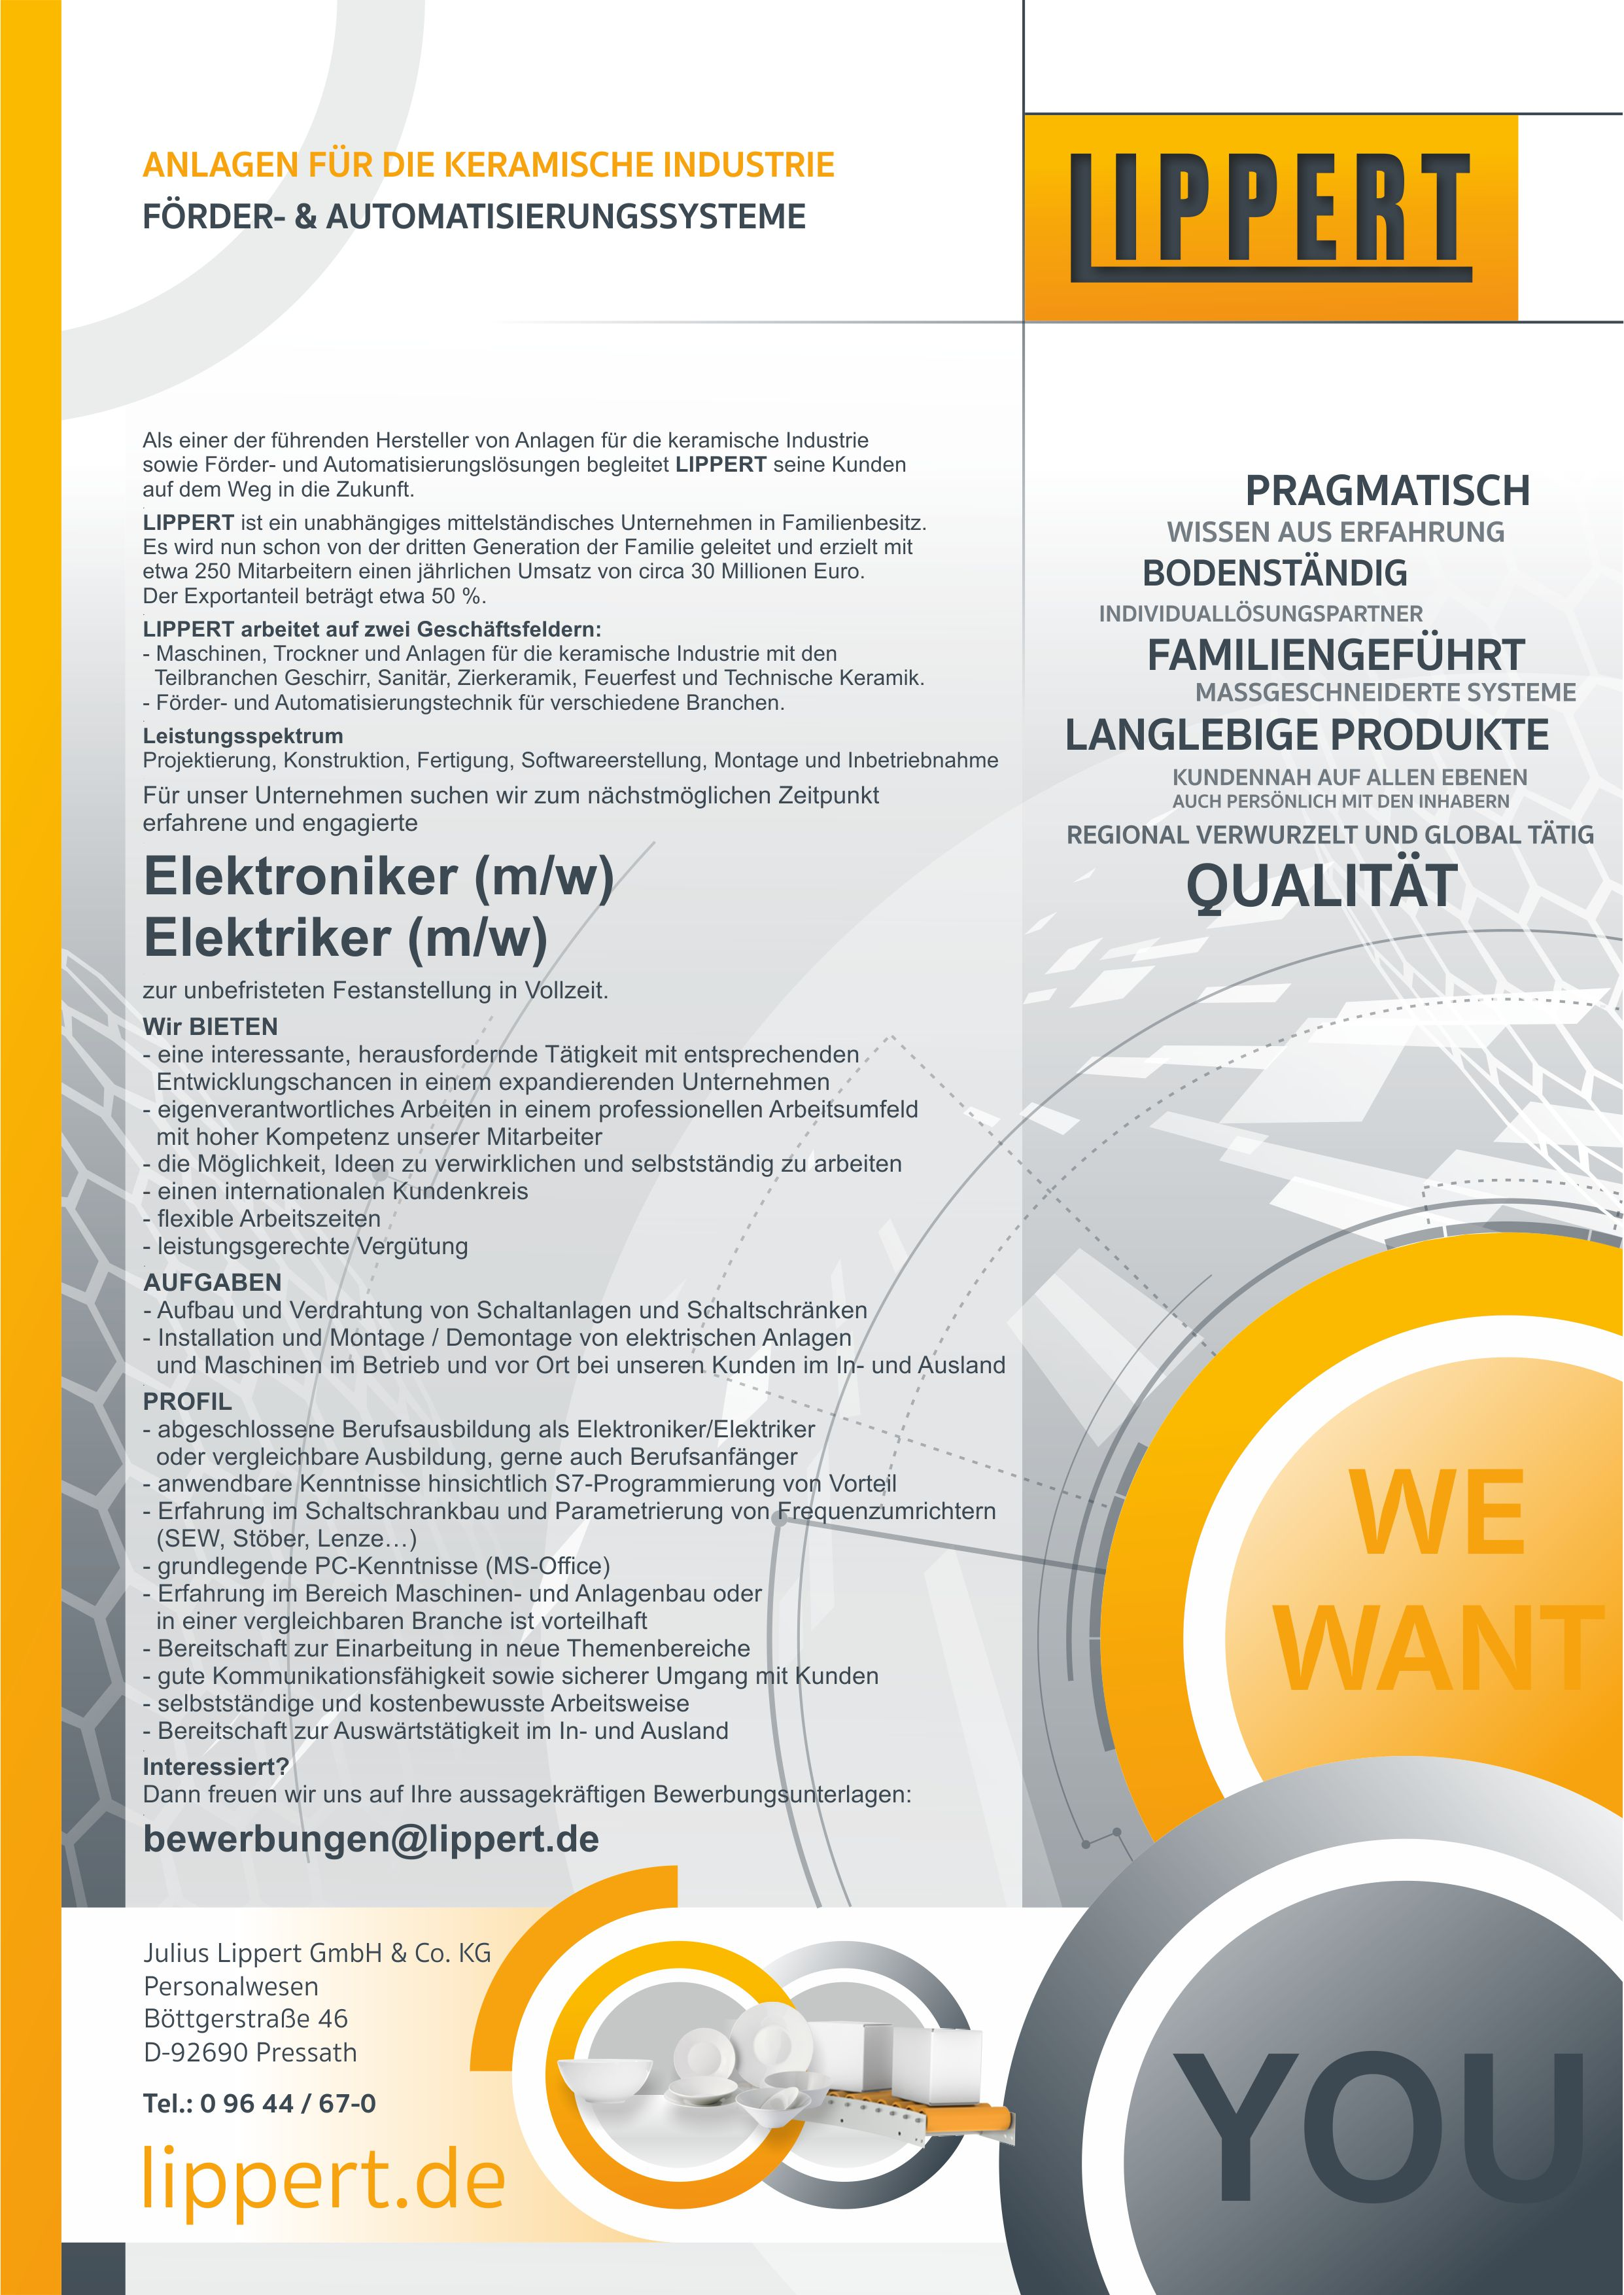 Elektroniker/Elektriker (m/w/d)